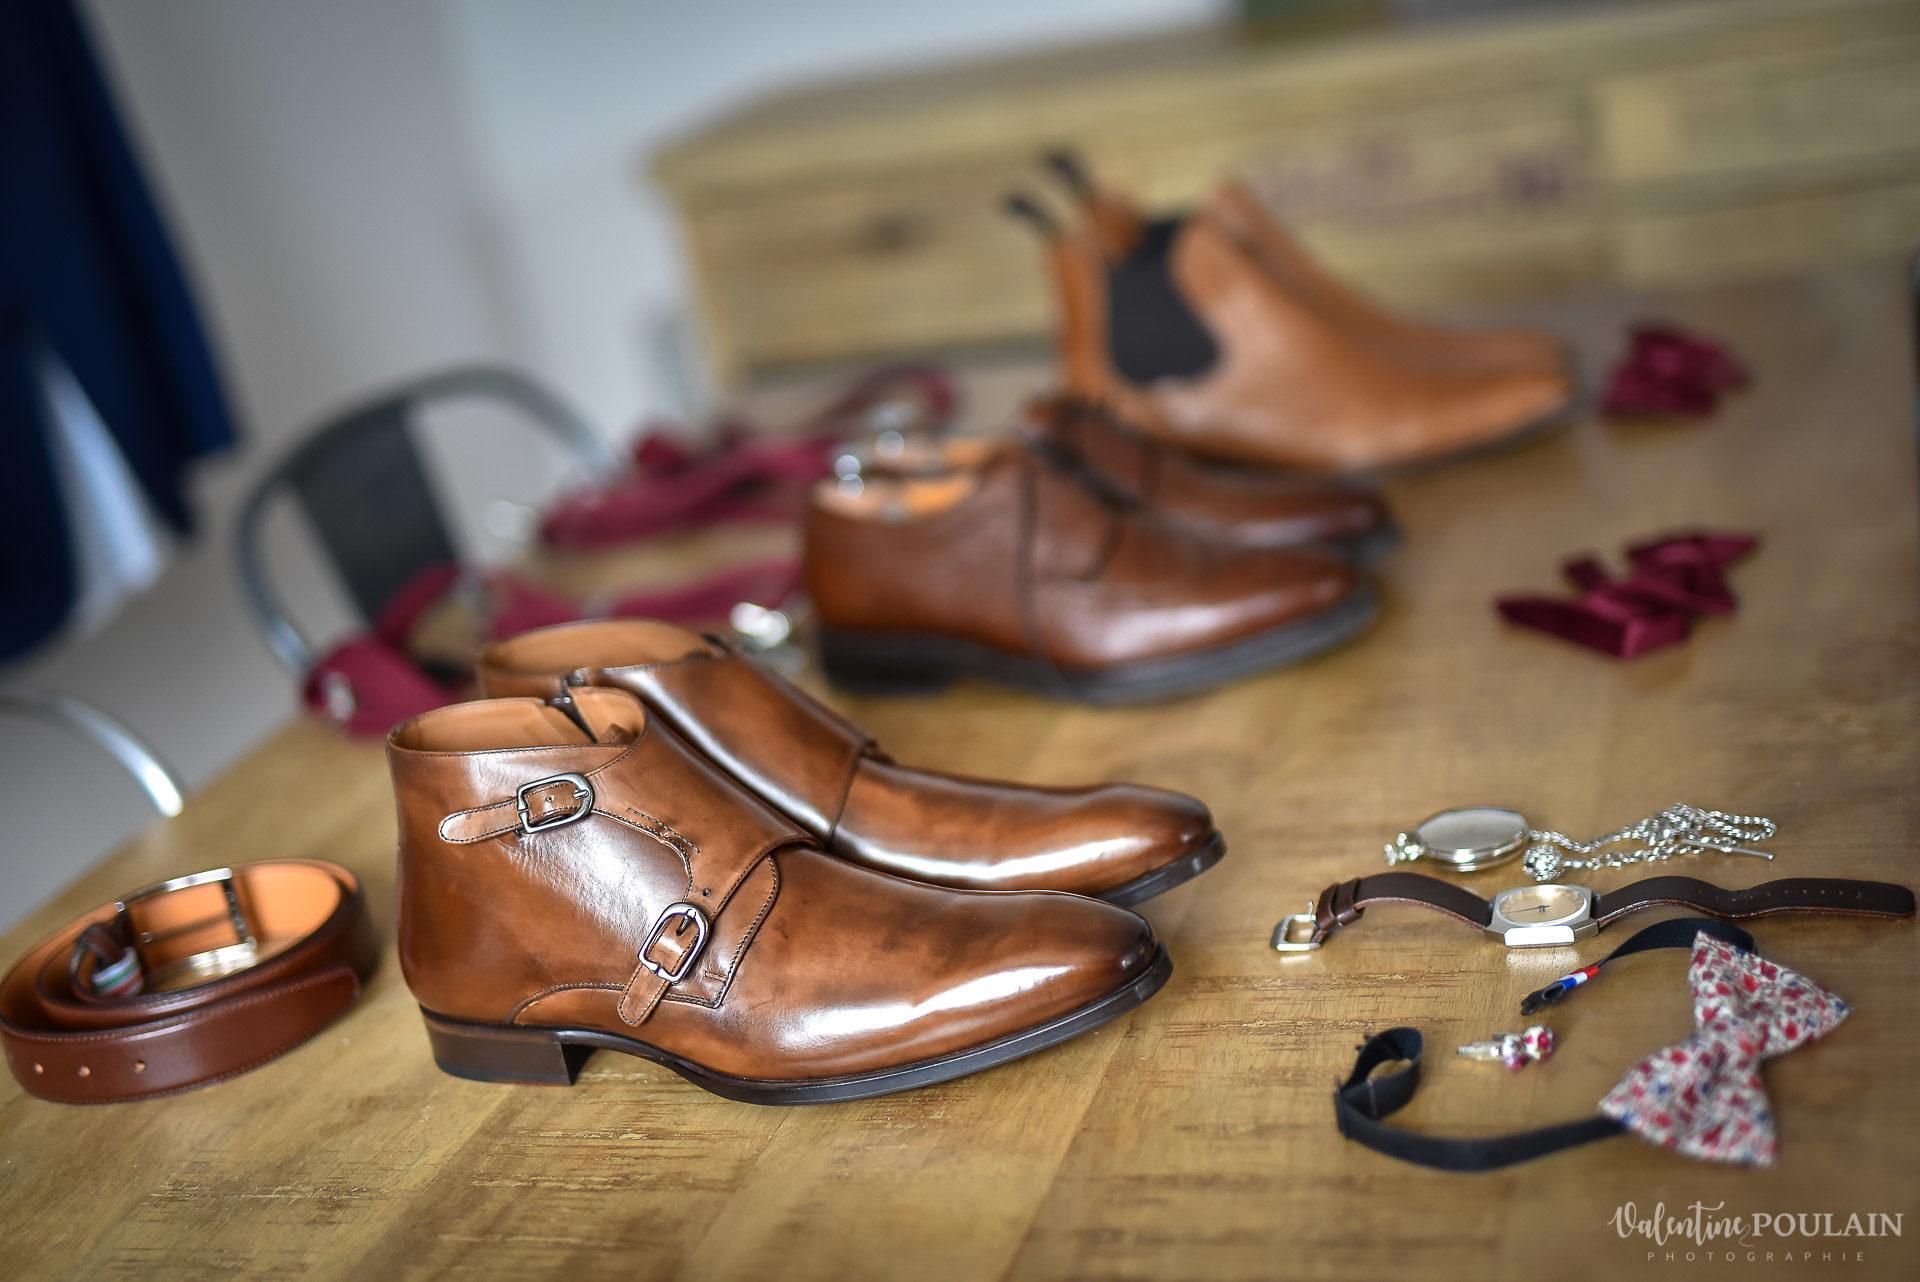 Mariage lieu insolite Paris -Valentine Poulain préparatif hommes chaussures